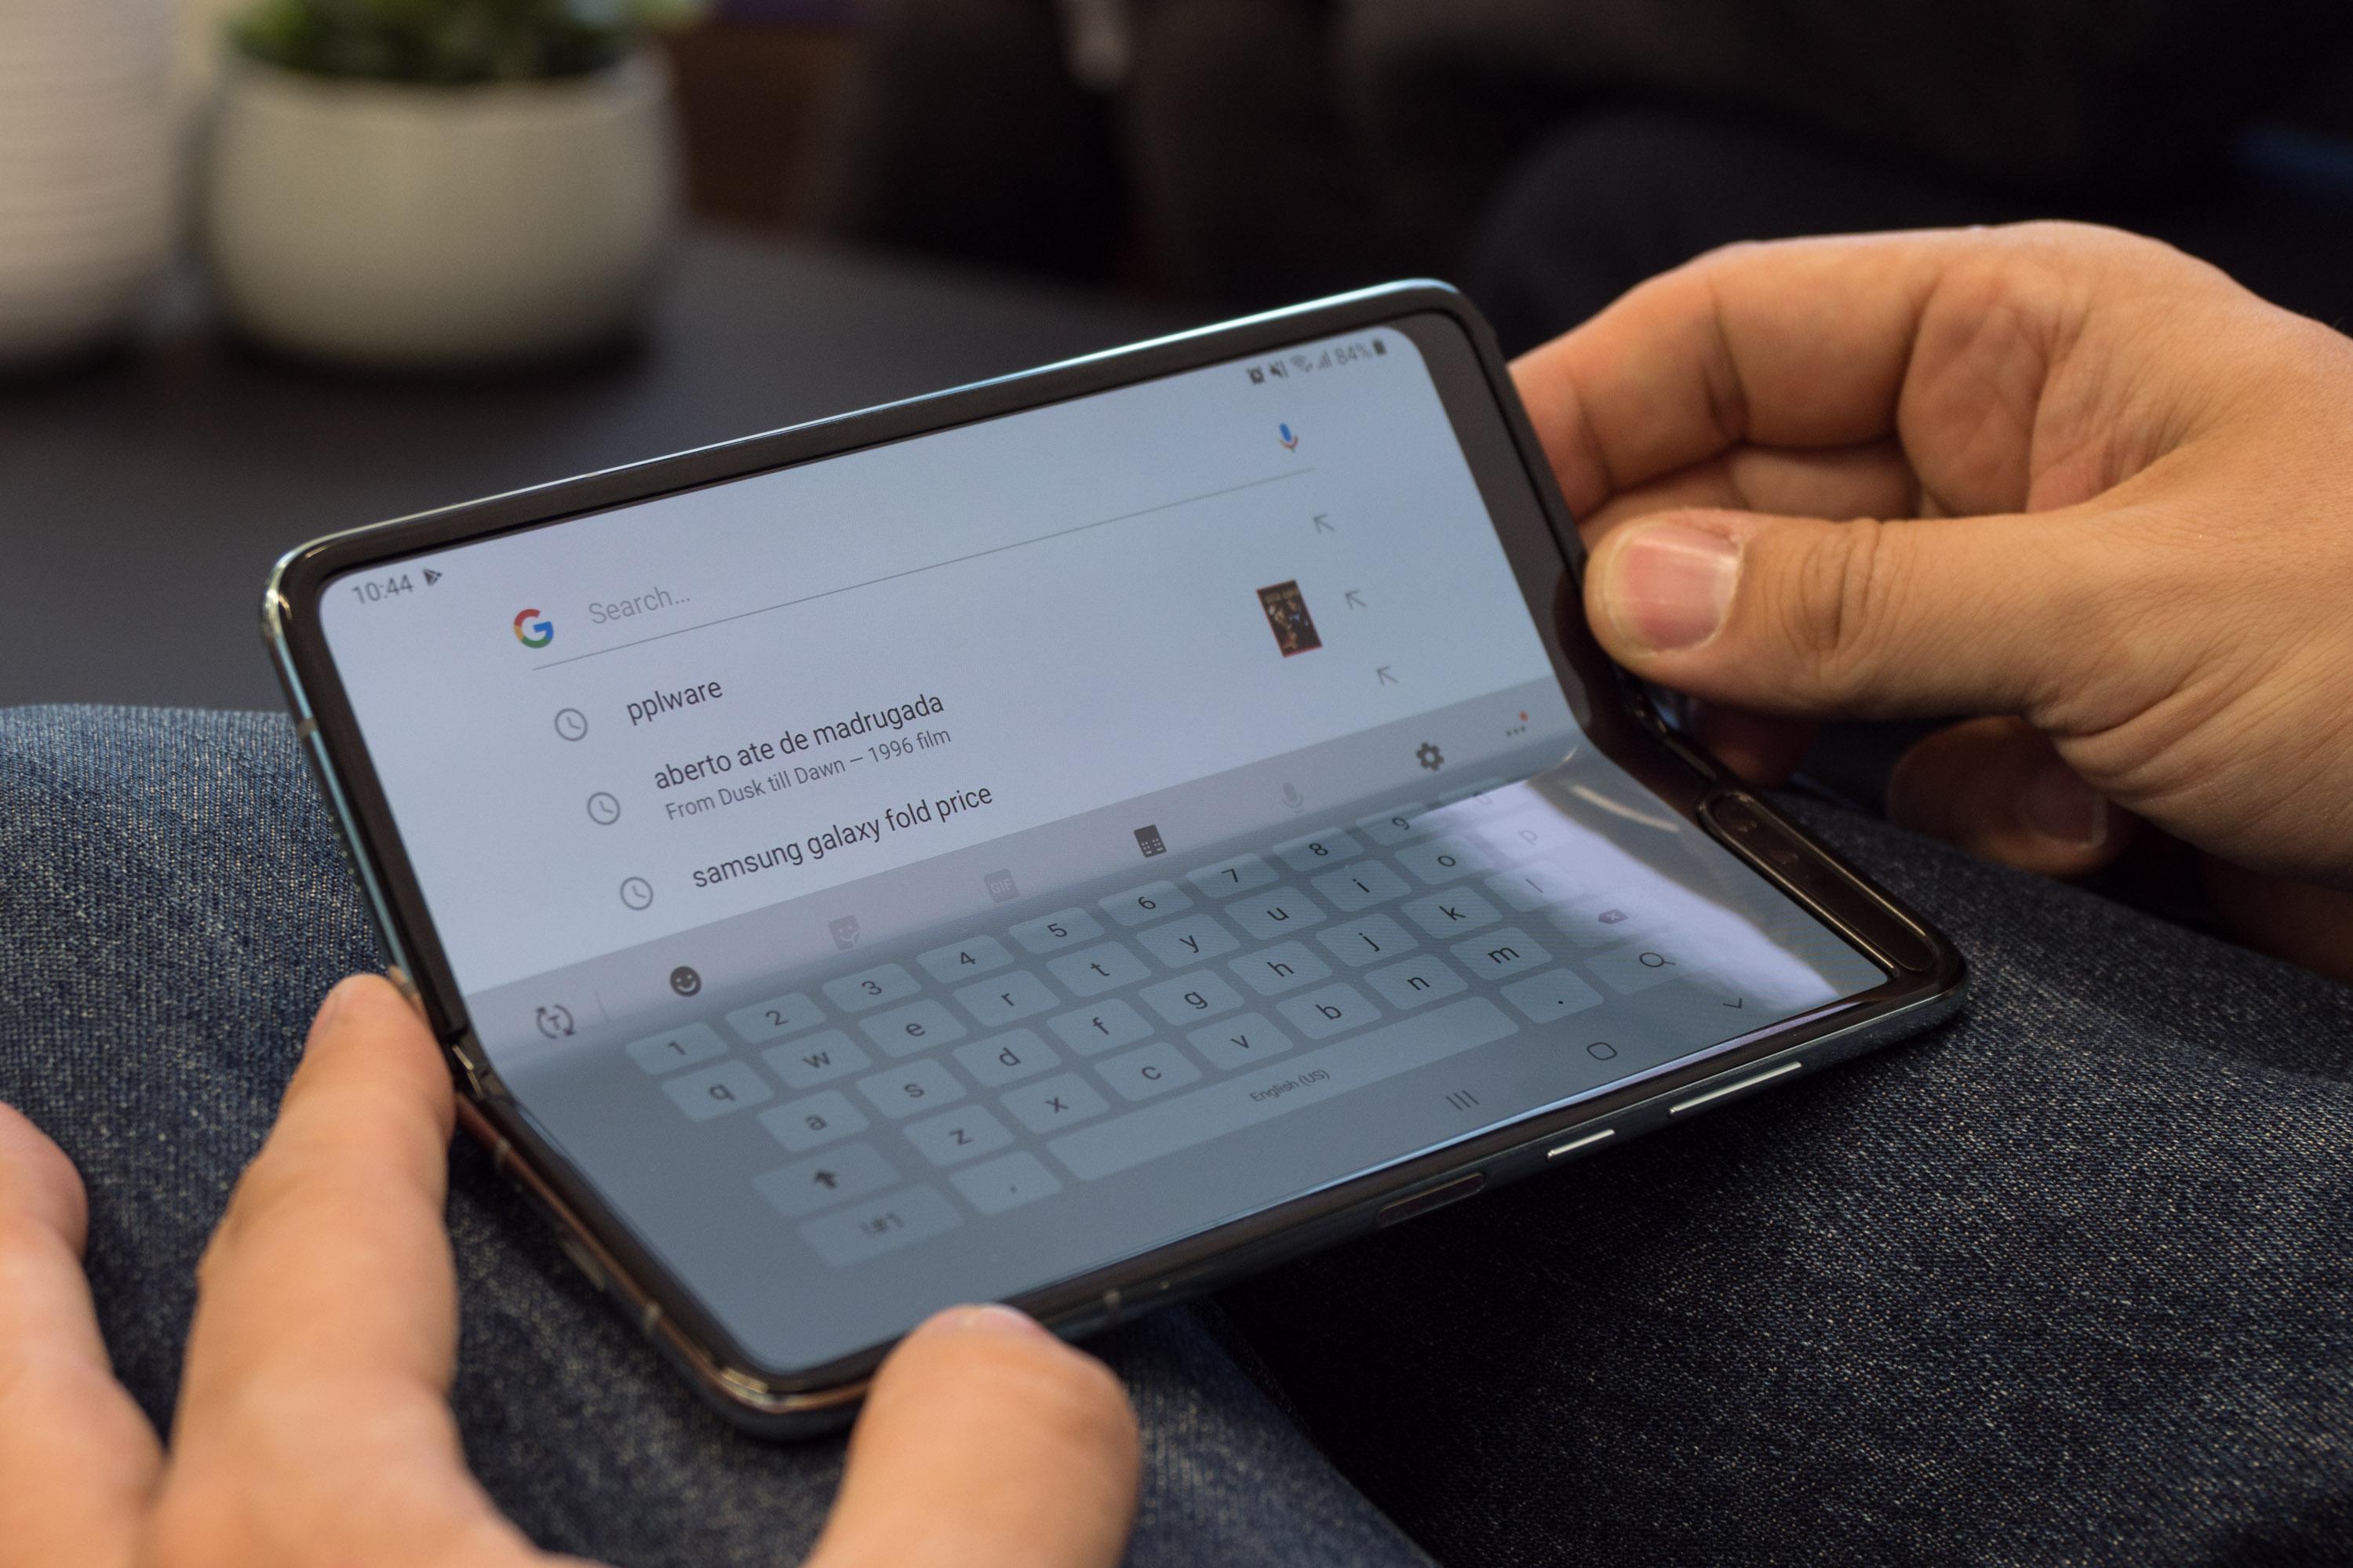 Galaxy Fold im Hands on: Samsung hat sein faltbares Smartphone gerettet - Das Galaxy Fold kann auch nur halb aufgeklappt und wie ein kleiner Communicator genutzt werden. (Bild: Martin Wolf/Golem.de)